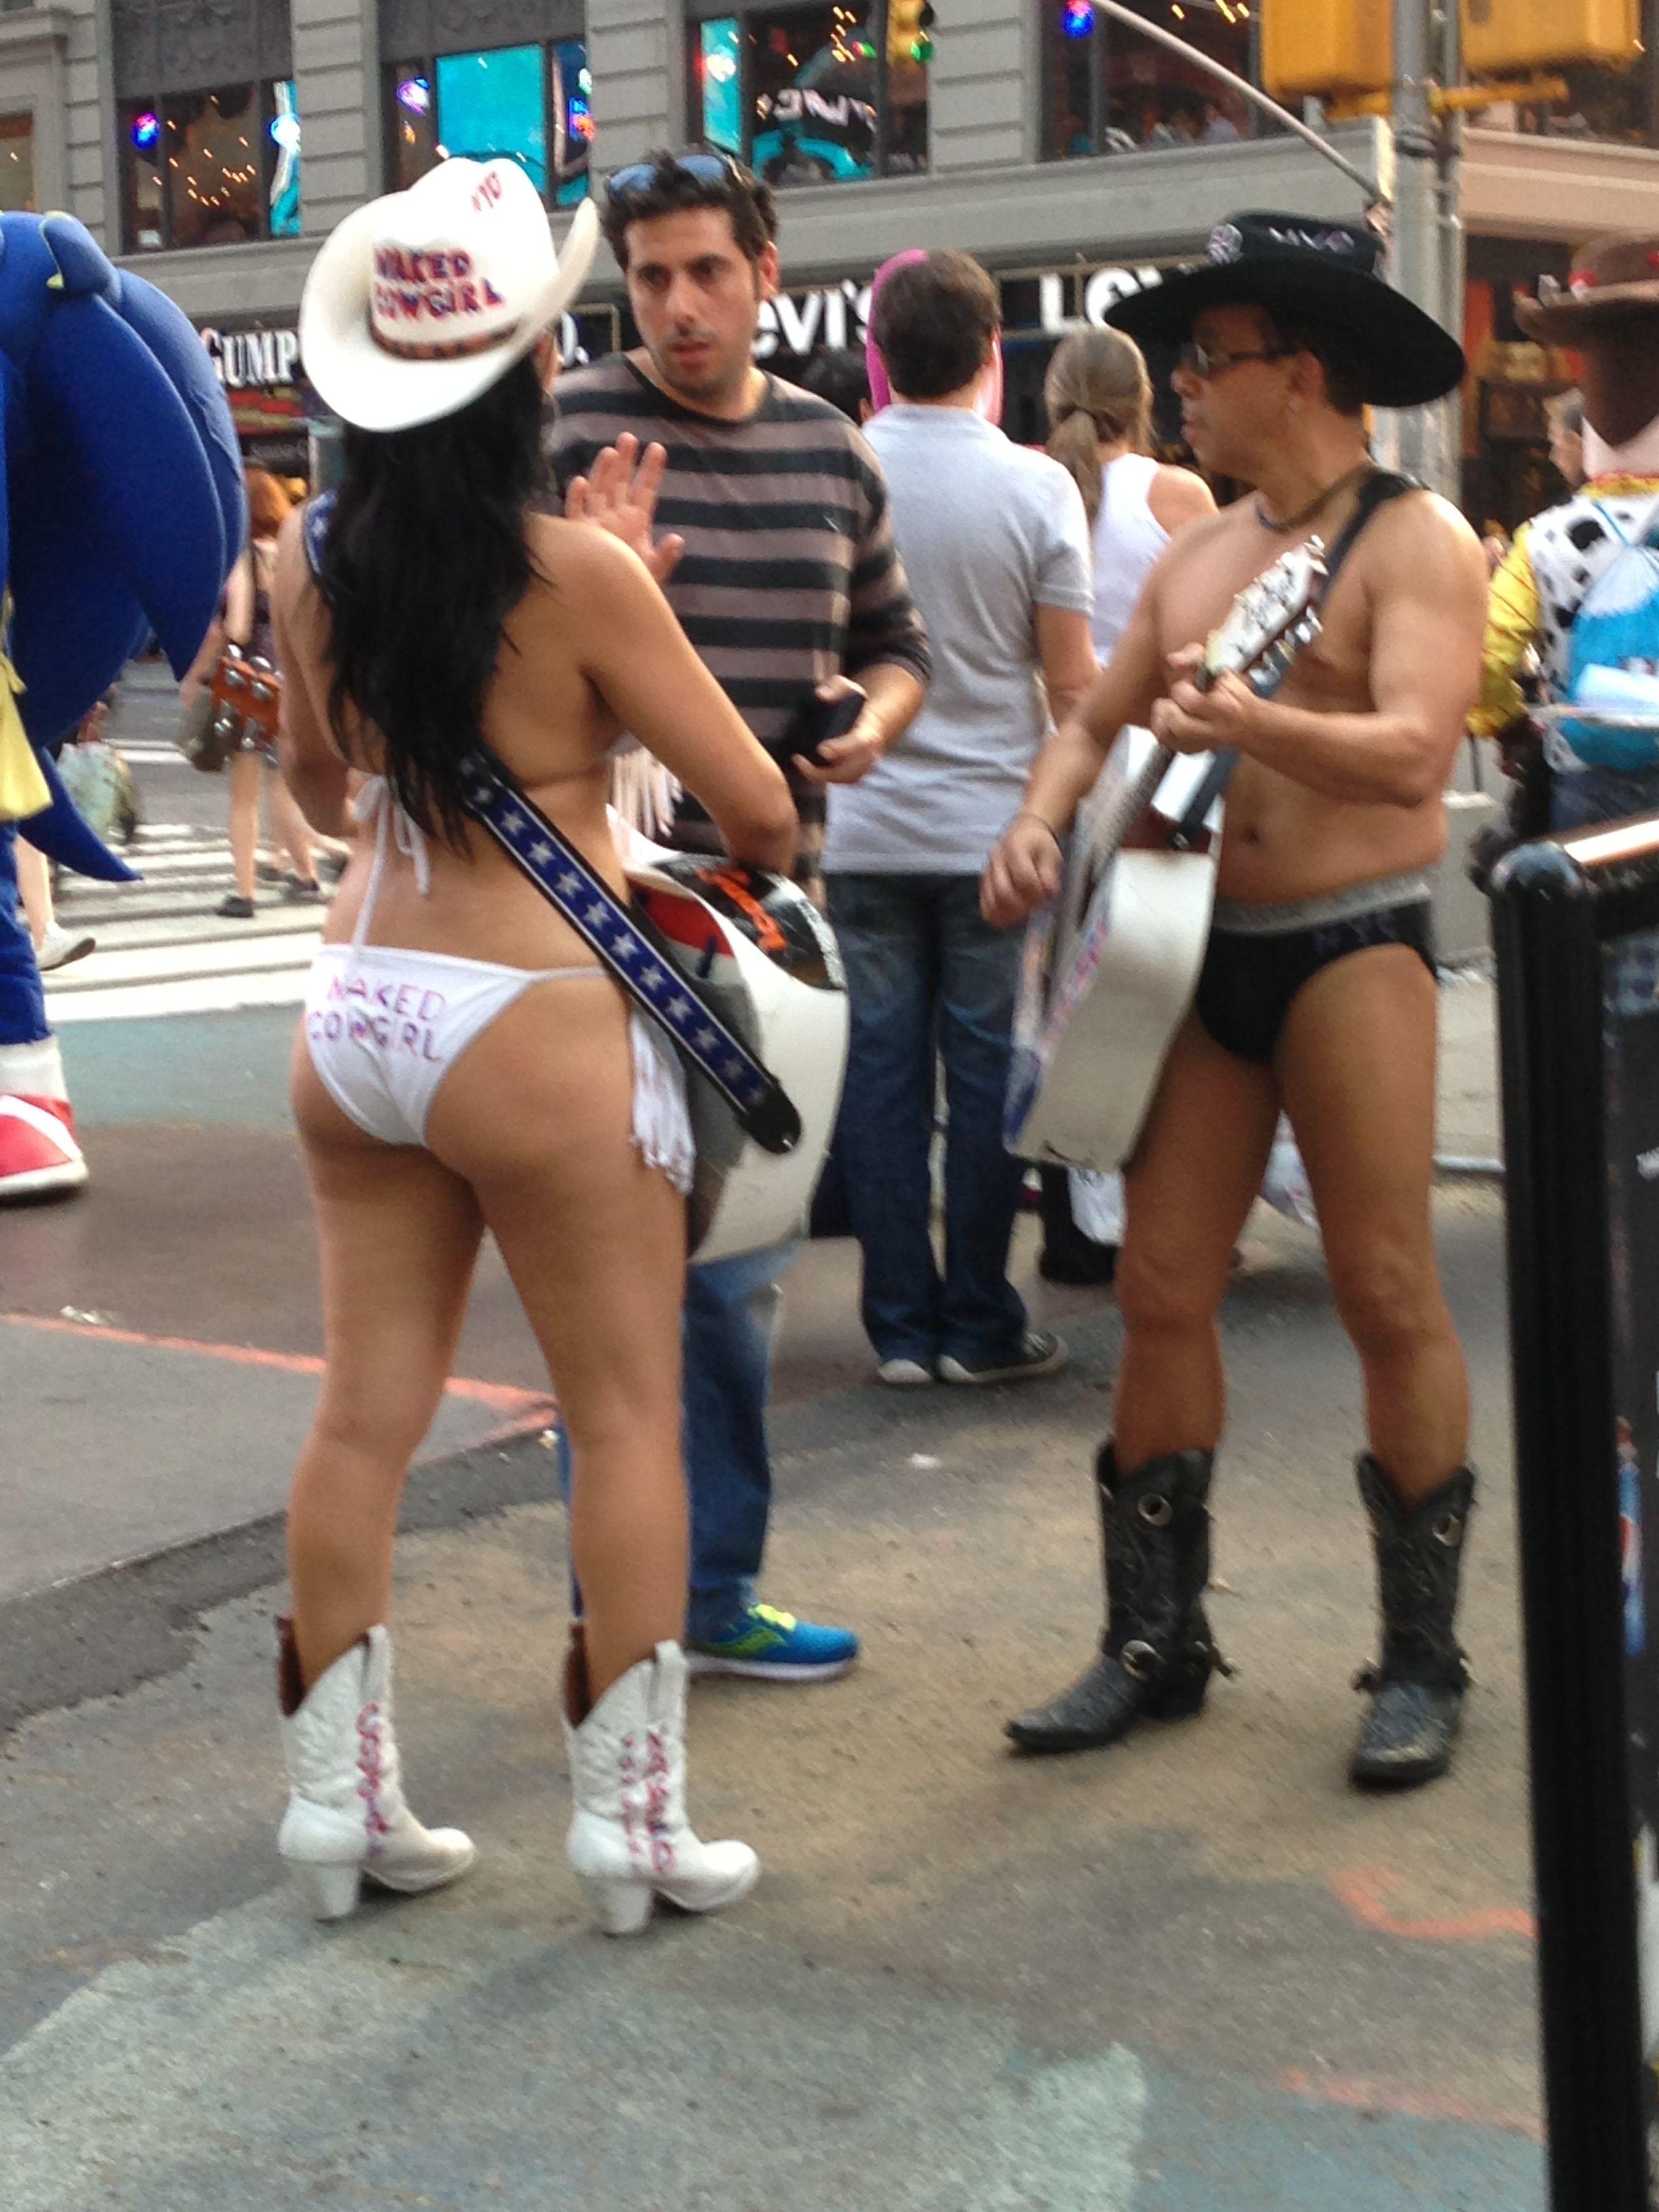 Immagine di cowgirl, pistole, misura - 96131277.